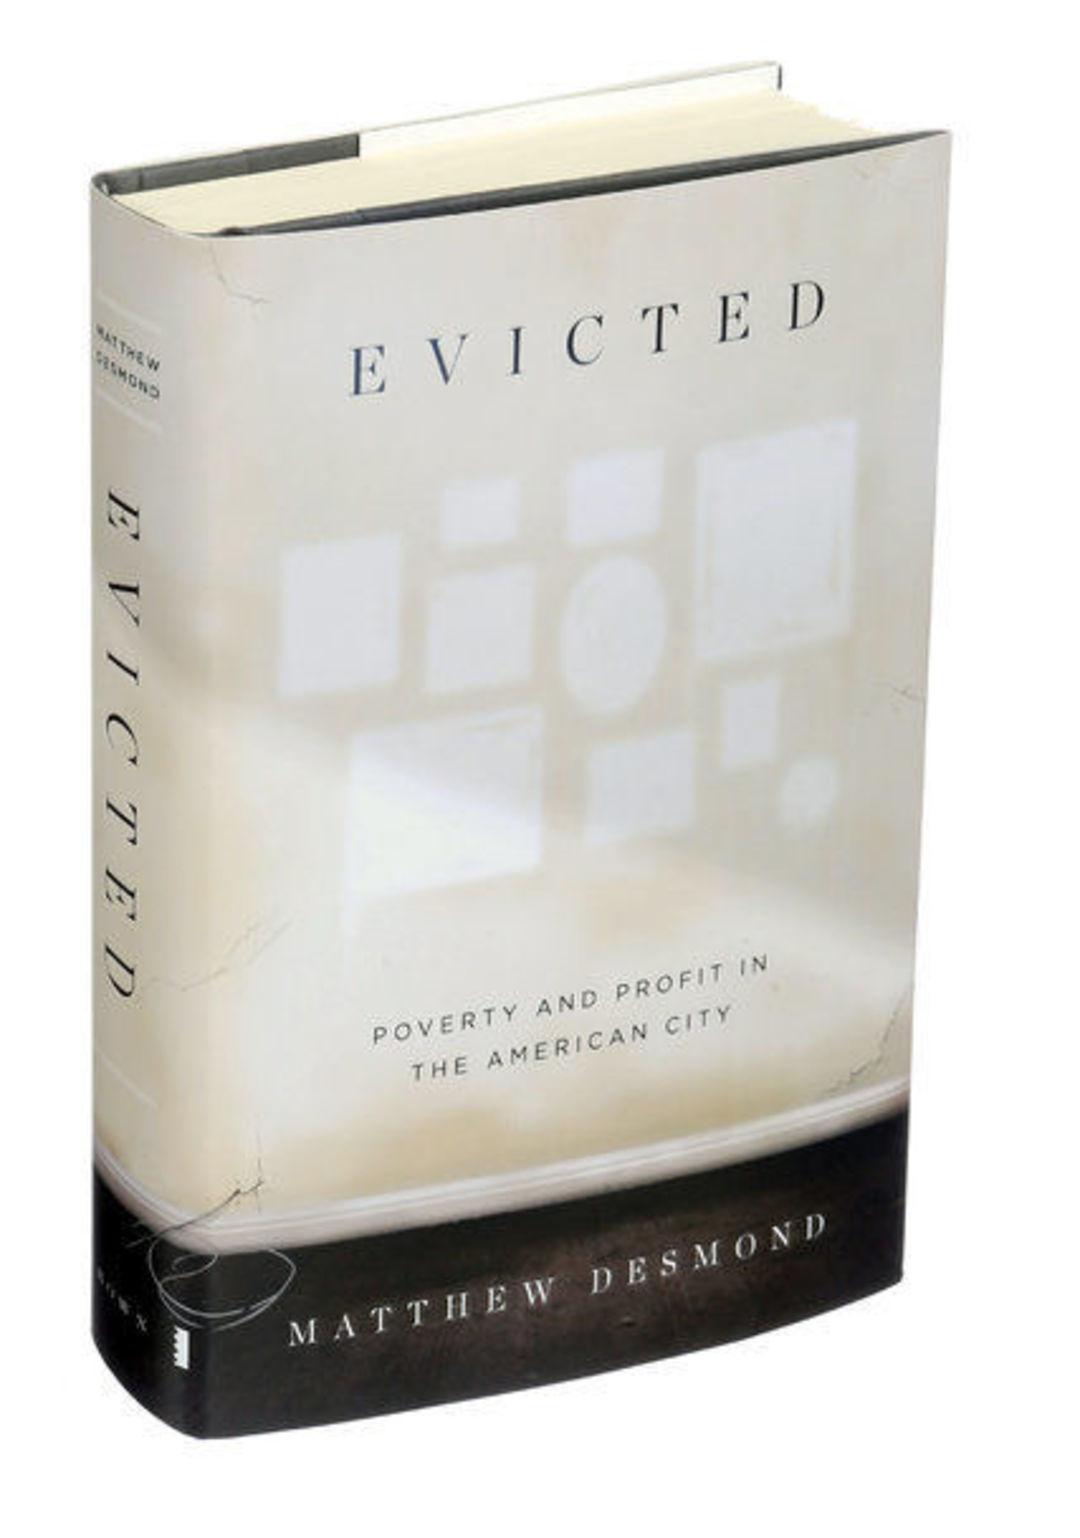 次贷危机之后,他为生活在底层的美国人写了一本书_文化_好奇心日报